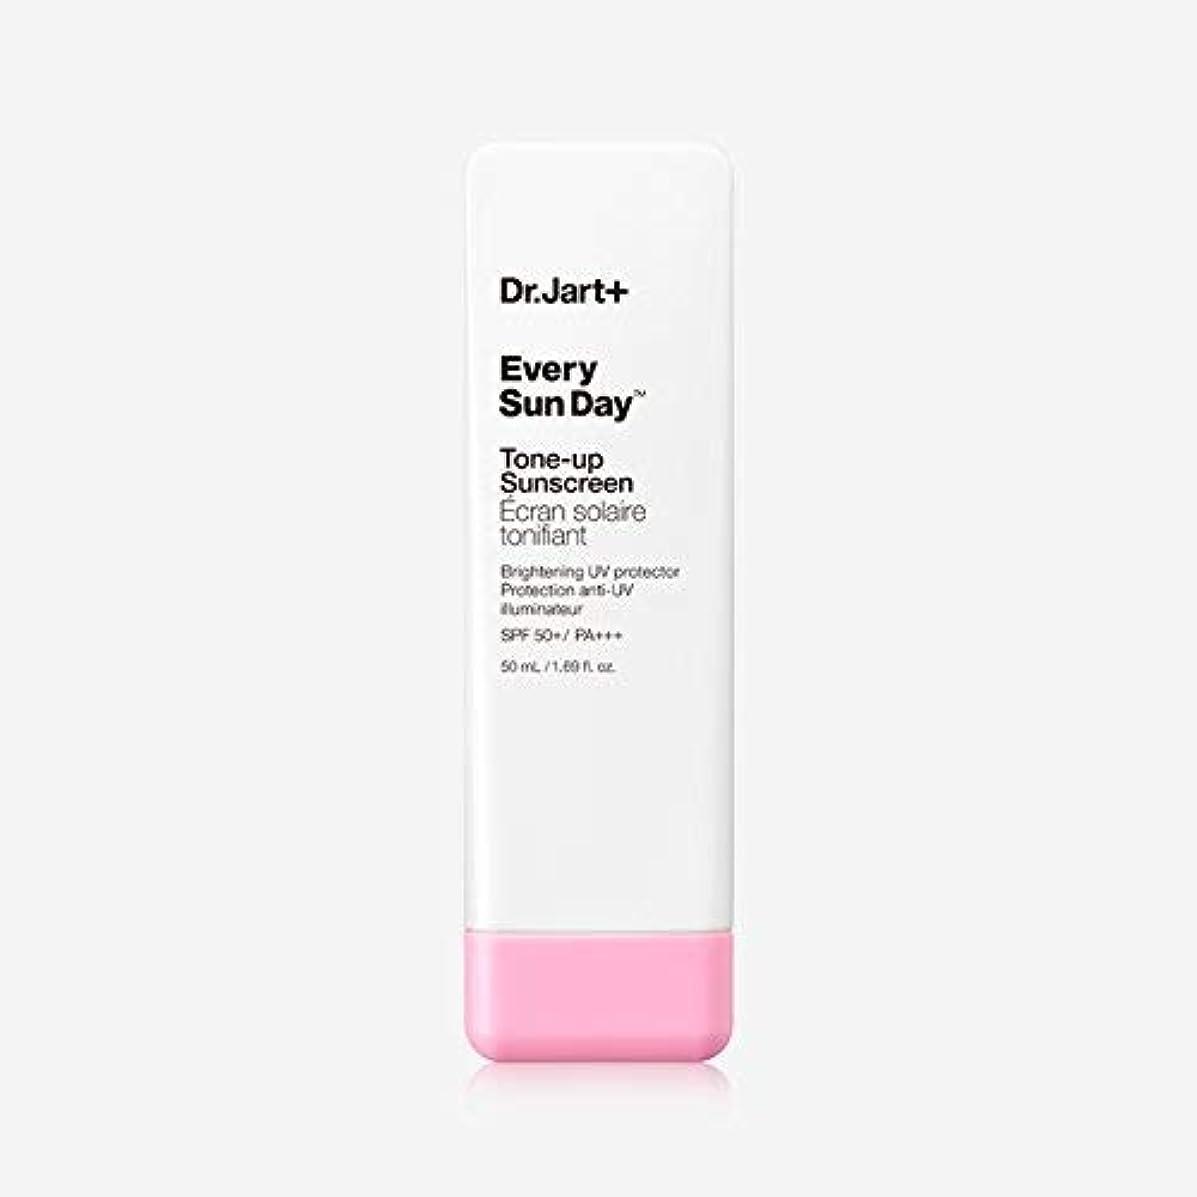 ムスタチオ敵意スティーブンソンDr.Jart+ Every Sun Day Tone-up Sunscreen SPF50+ PA+++ 50ml / ドクタージャルトゥエヴリサンデートーンアップサンスクリーンSPF50+PA+++50ml [並行輸入品]